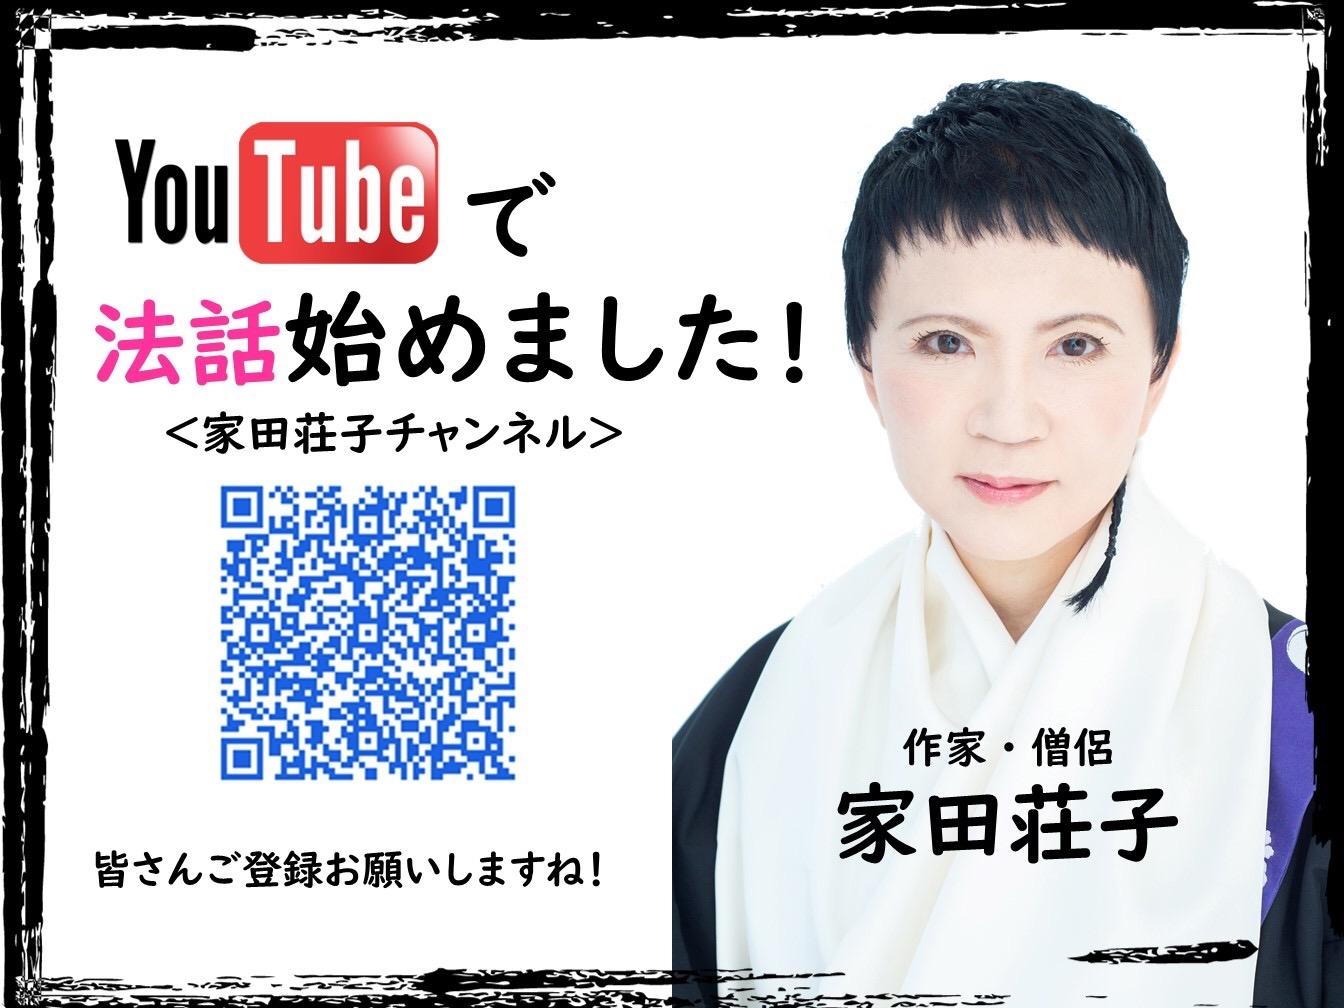 YouTubeこころの法話。新作ネコ法話アップ_d0339676_19073495.jpg